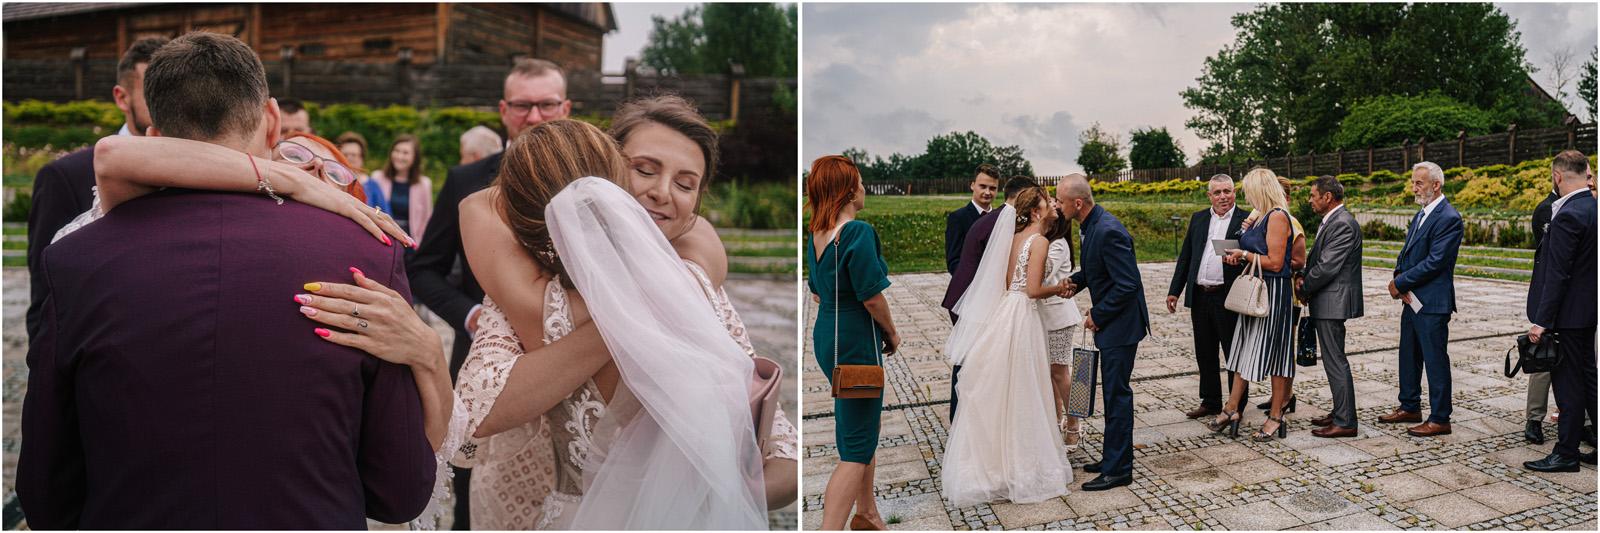 Kasia & Damian   ślub plenerowy w Kuźni Smaków i sesja w skansenie 43